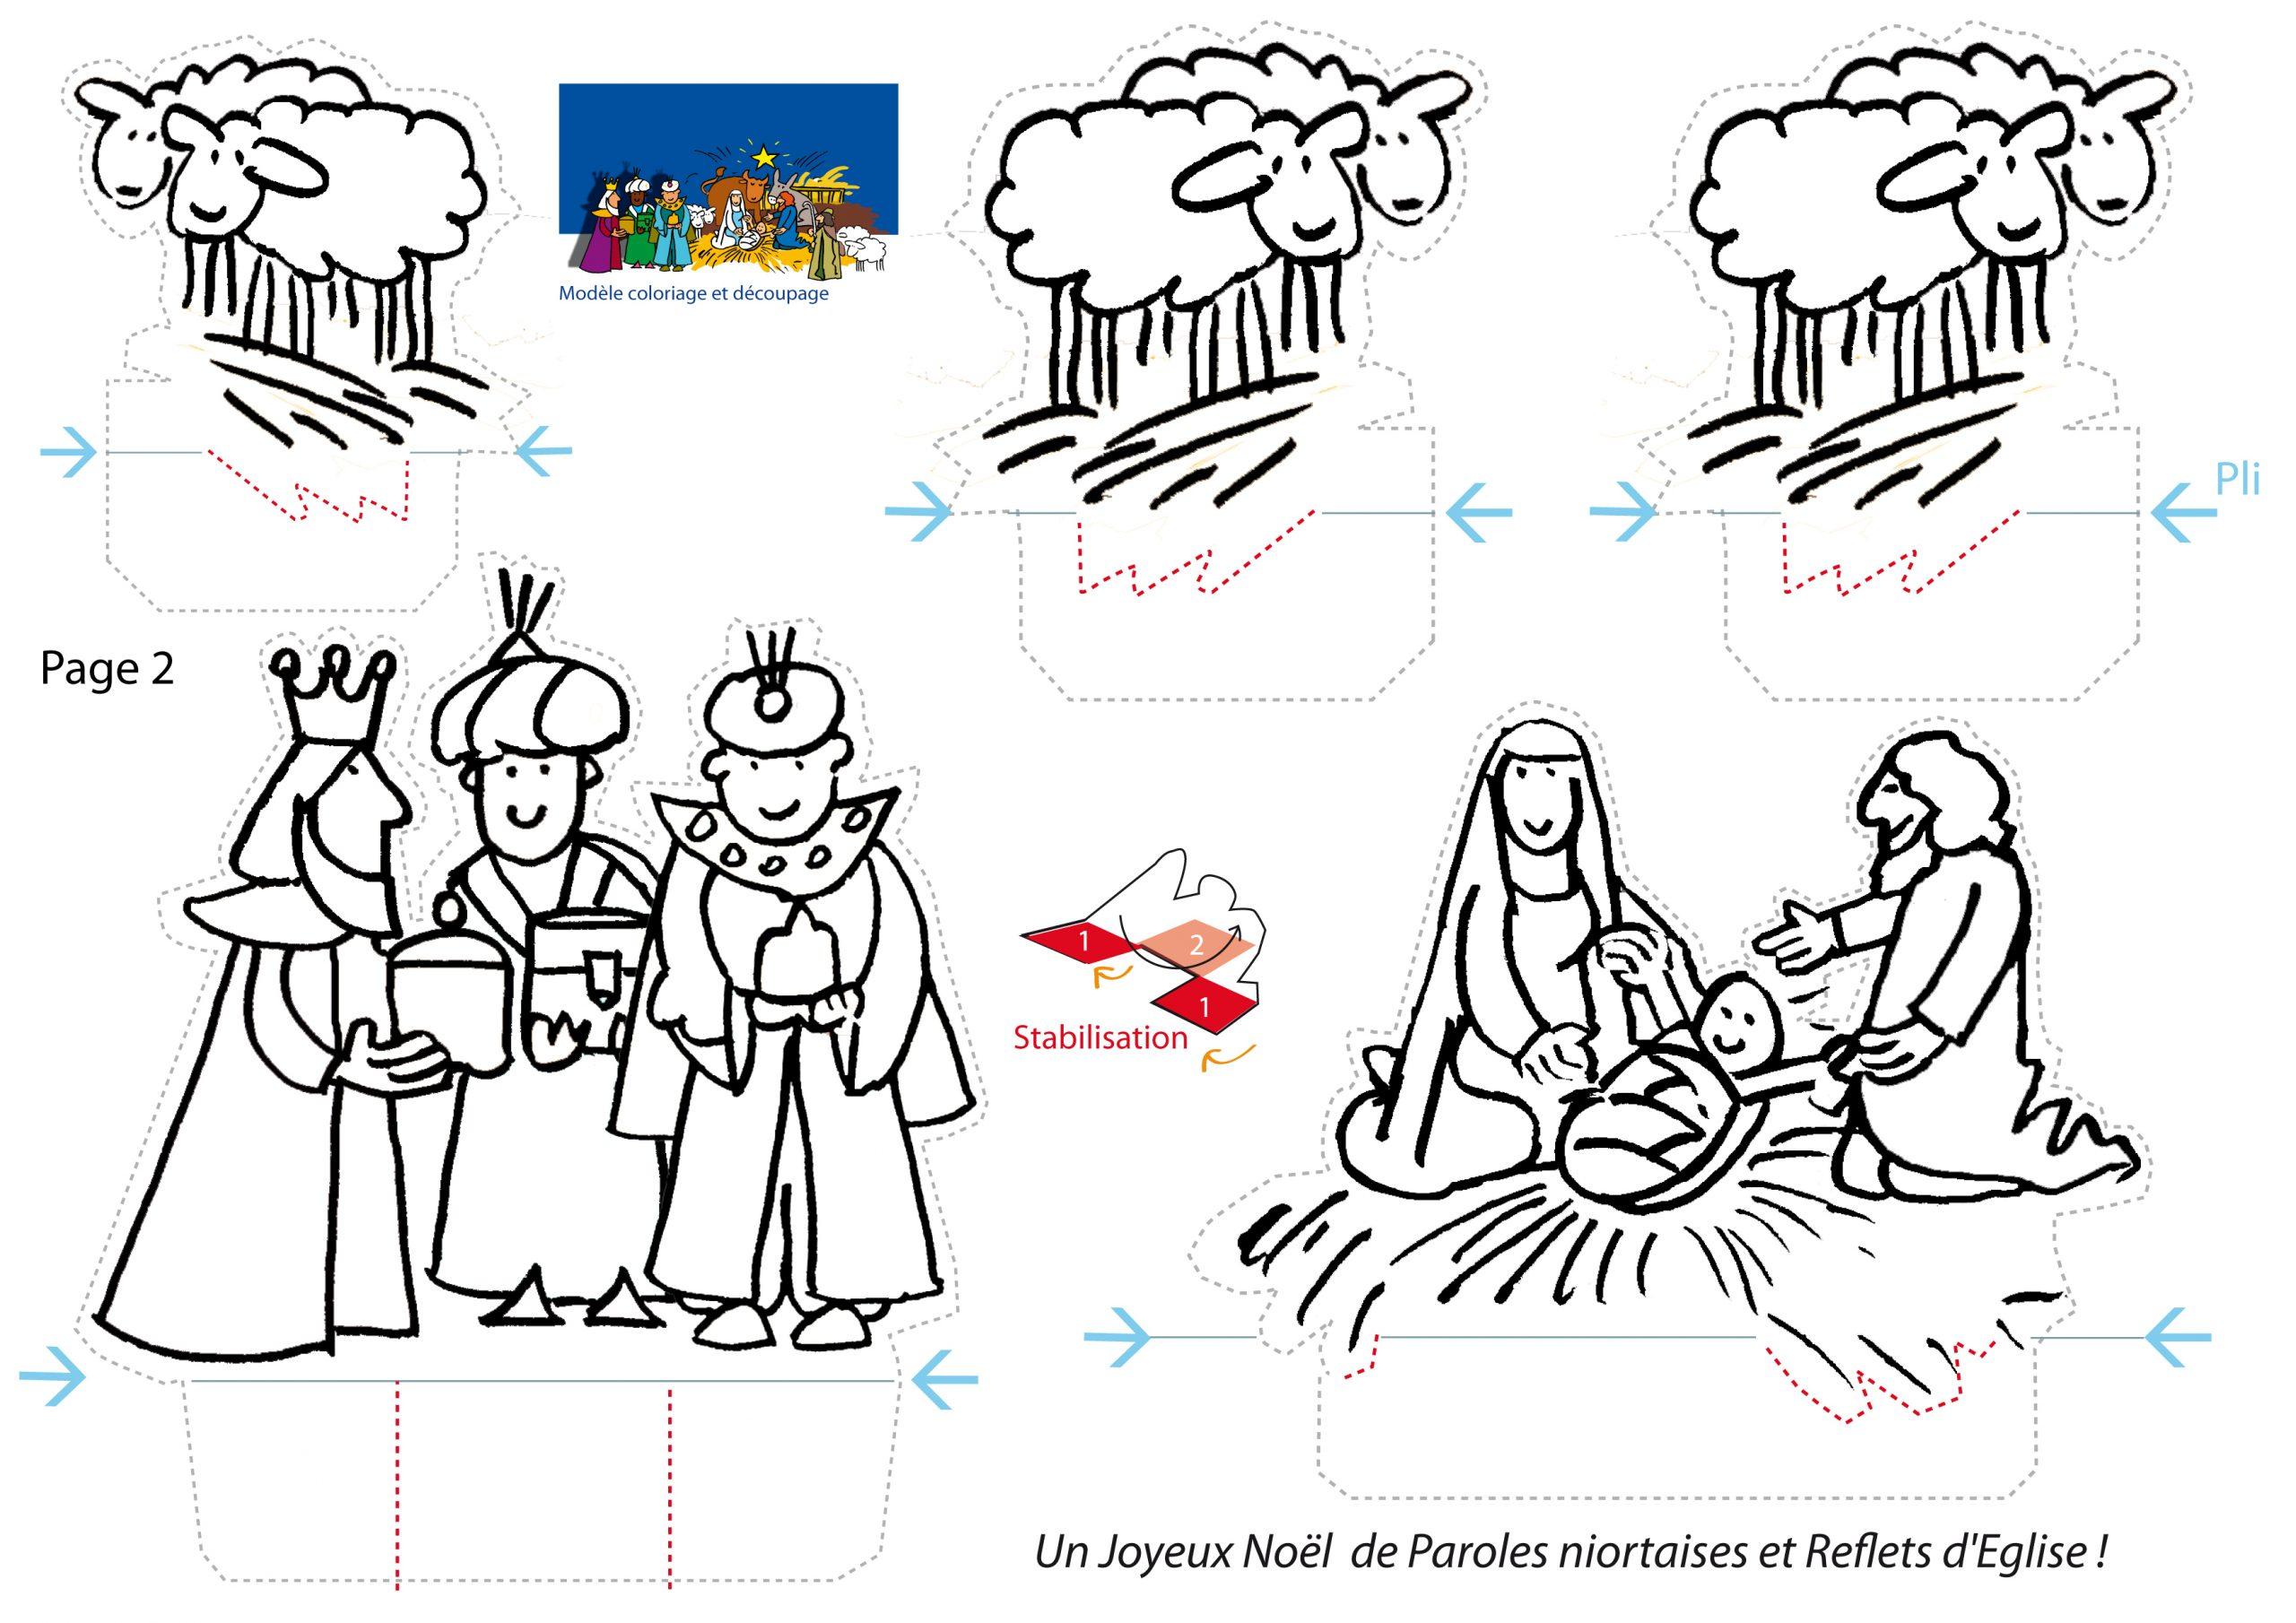 Atelier De Noël Pour Les Enfants : Une Crèche Faite Maison intérieur Creche A Imprimer